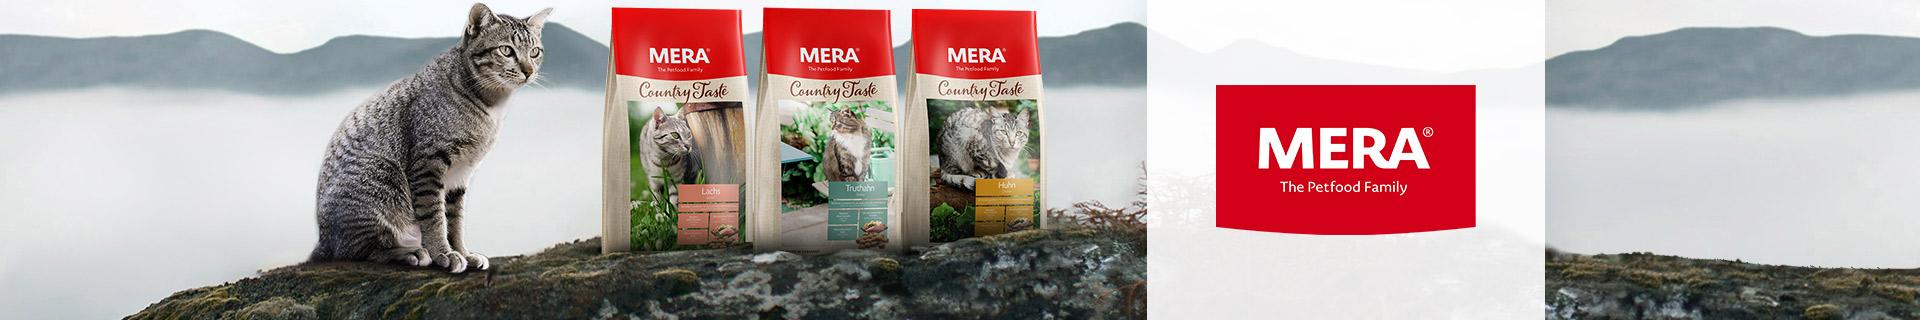 Markenshop - Mera - Trockenfutter - Country Tast